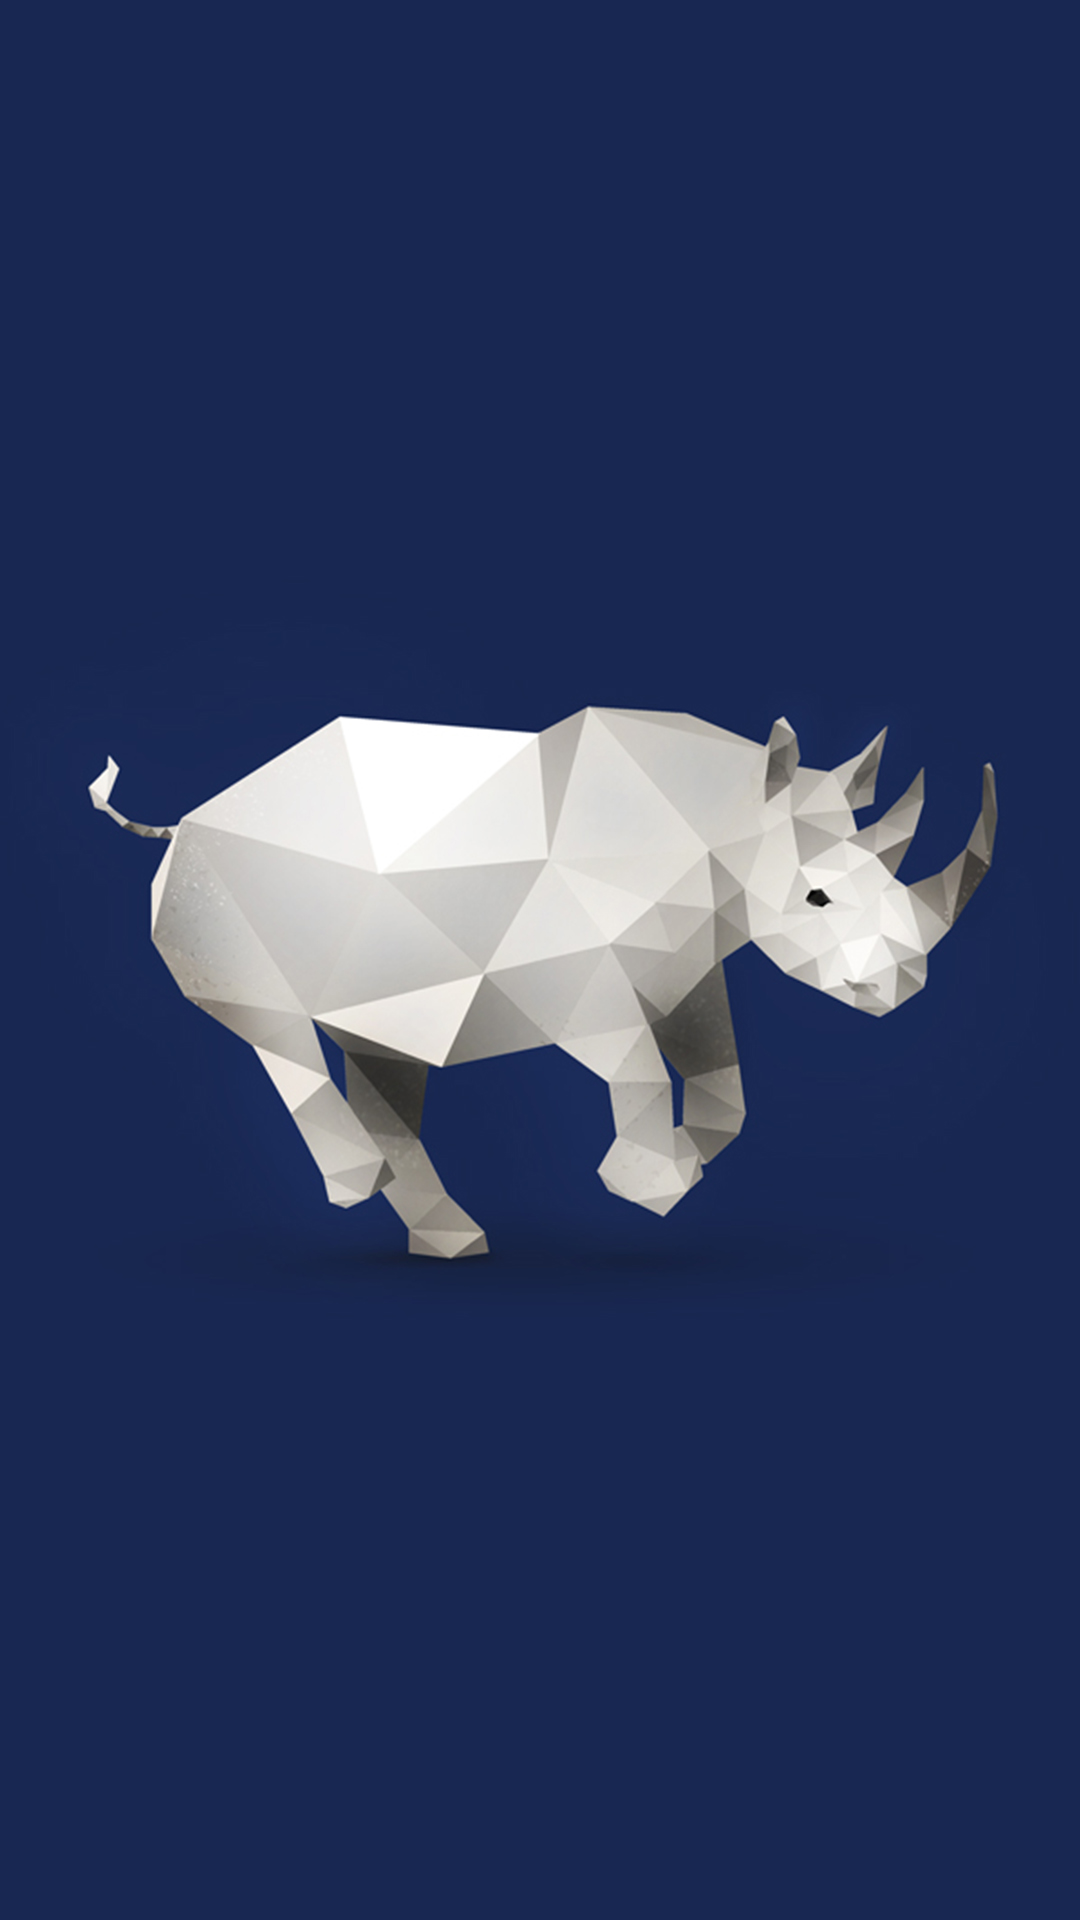 创意动物插画 犀牛 几何构成 苹果手机高清壁纸 1080x